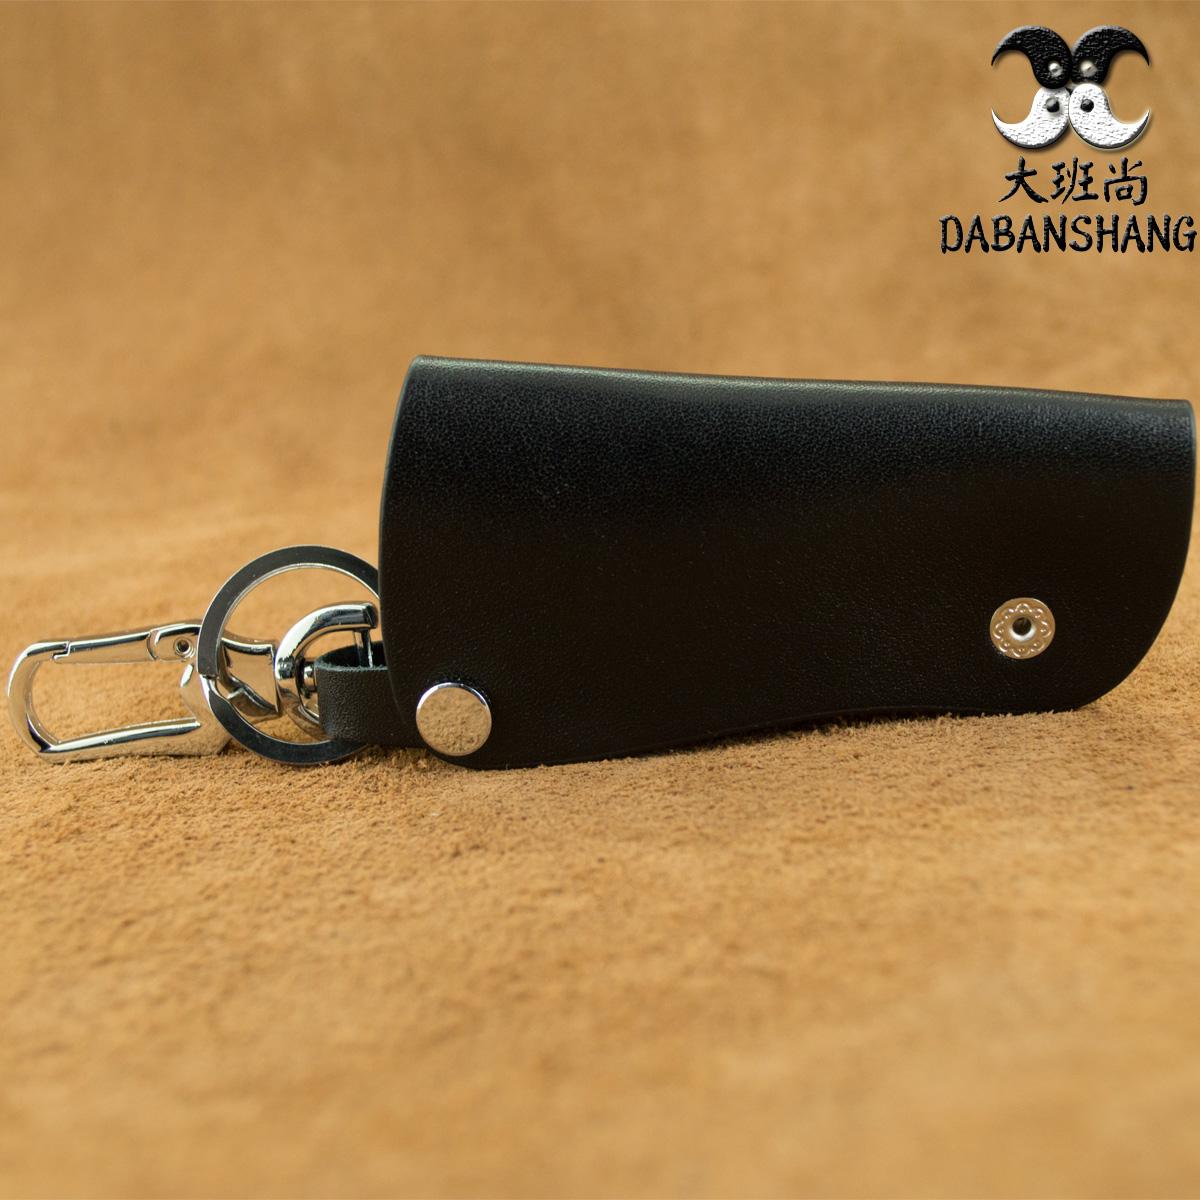 新真皮汽车钥匙包套直板专用于JEEP指南者钥匙套吉普牧马人自由光